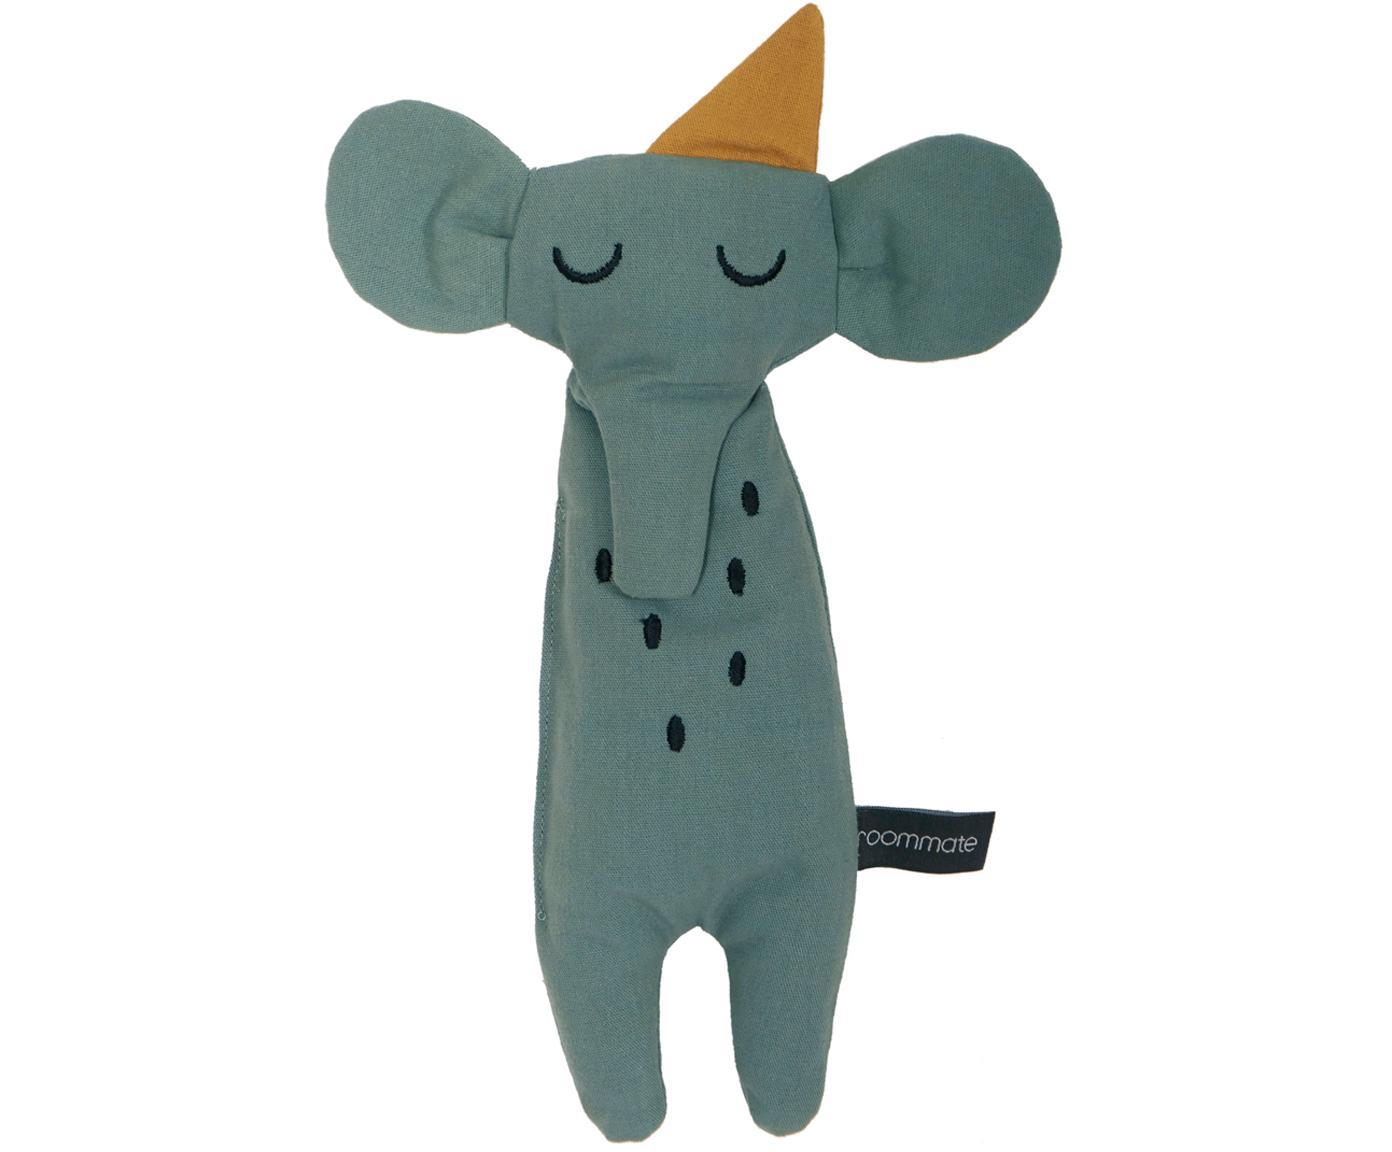 Peluche de algodón ecológico Elephant, Gris verdoso, An 8 x Al 30 cm